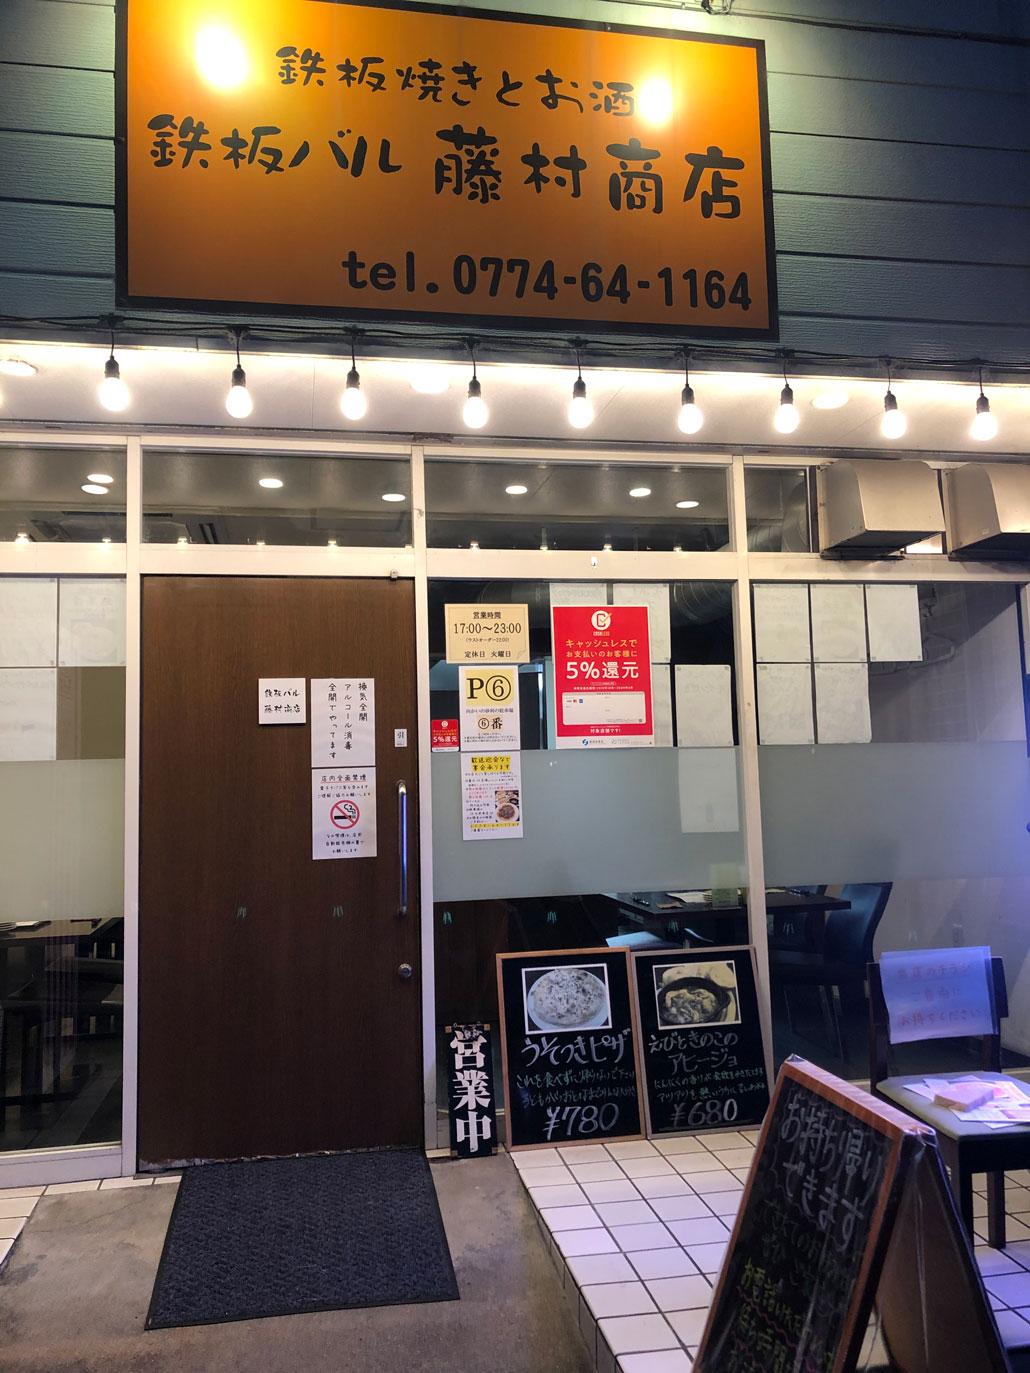 鉄板バル藤村商店の外観画像